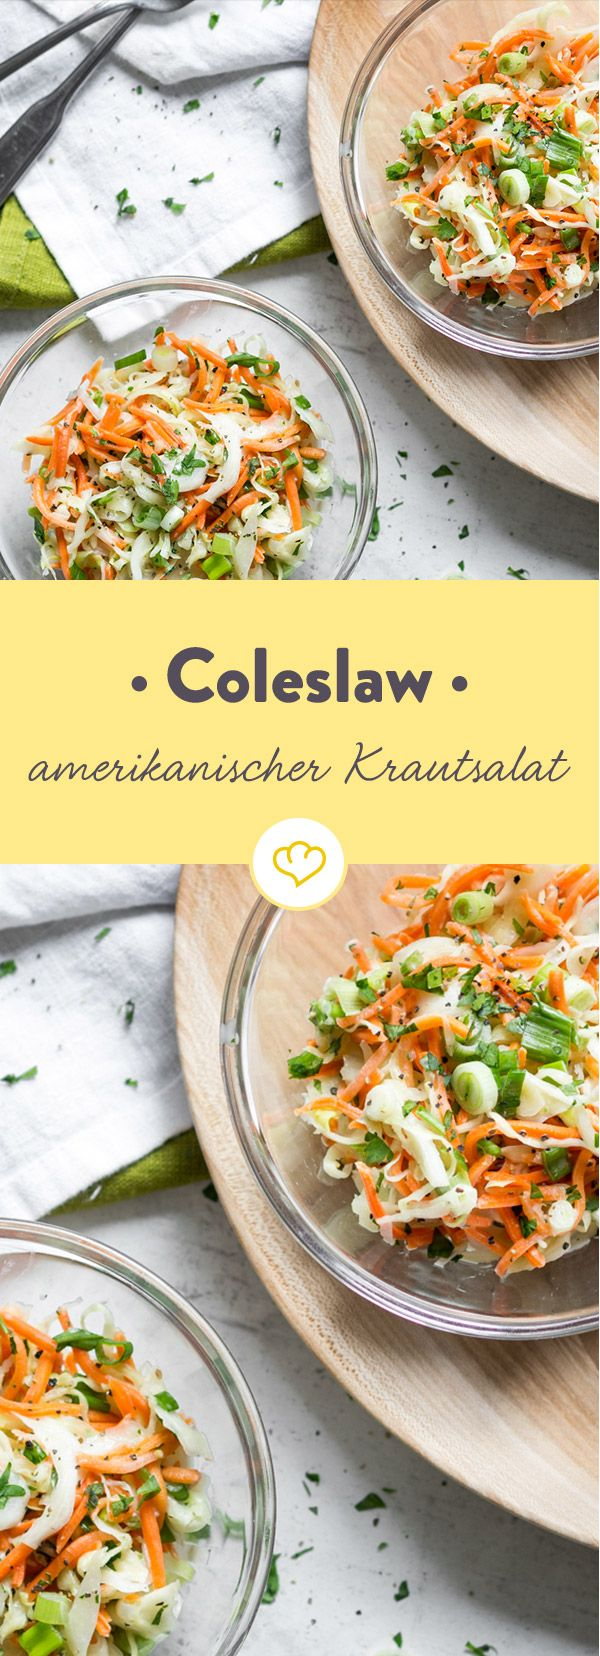 Der Krautsalat ganz amerikanisch: Mit knackigem Kohl und cremigem, würzigem Dressing ist Coleslaw der ideale Begleiter zu saftigen Burgern.